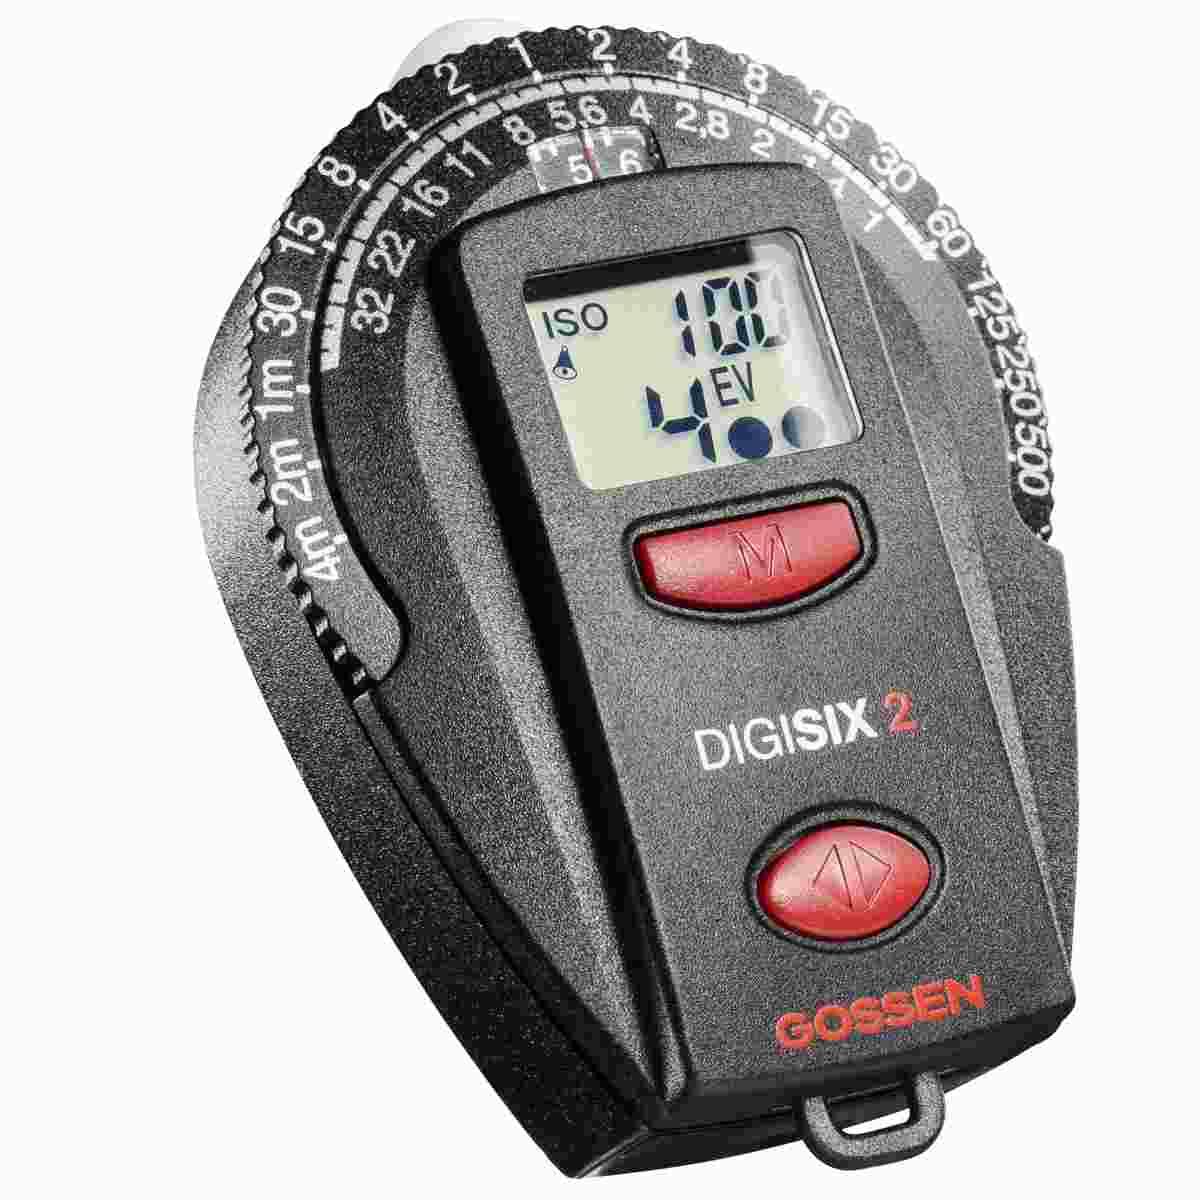 Gossen Digisix Exposure Meter